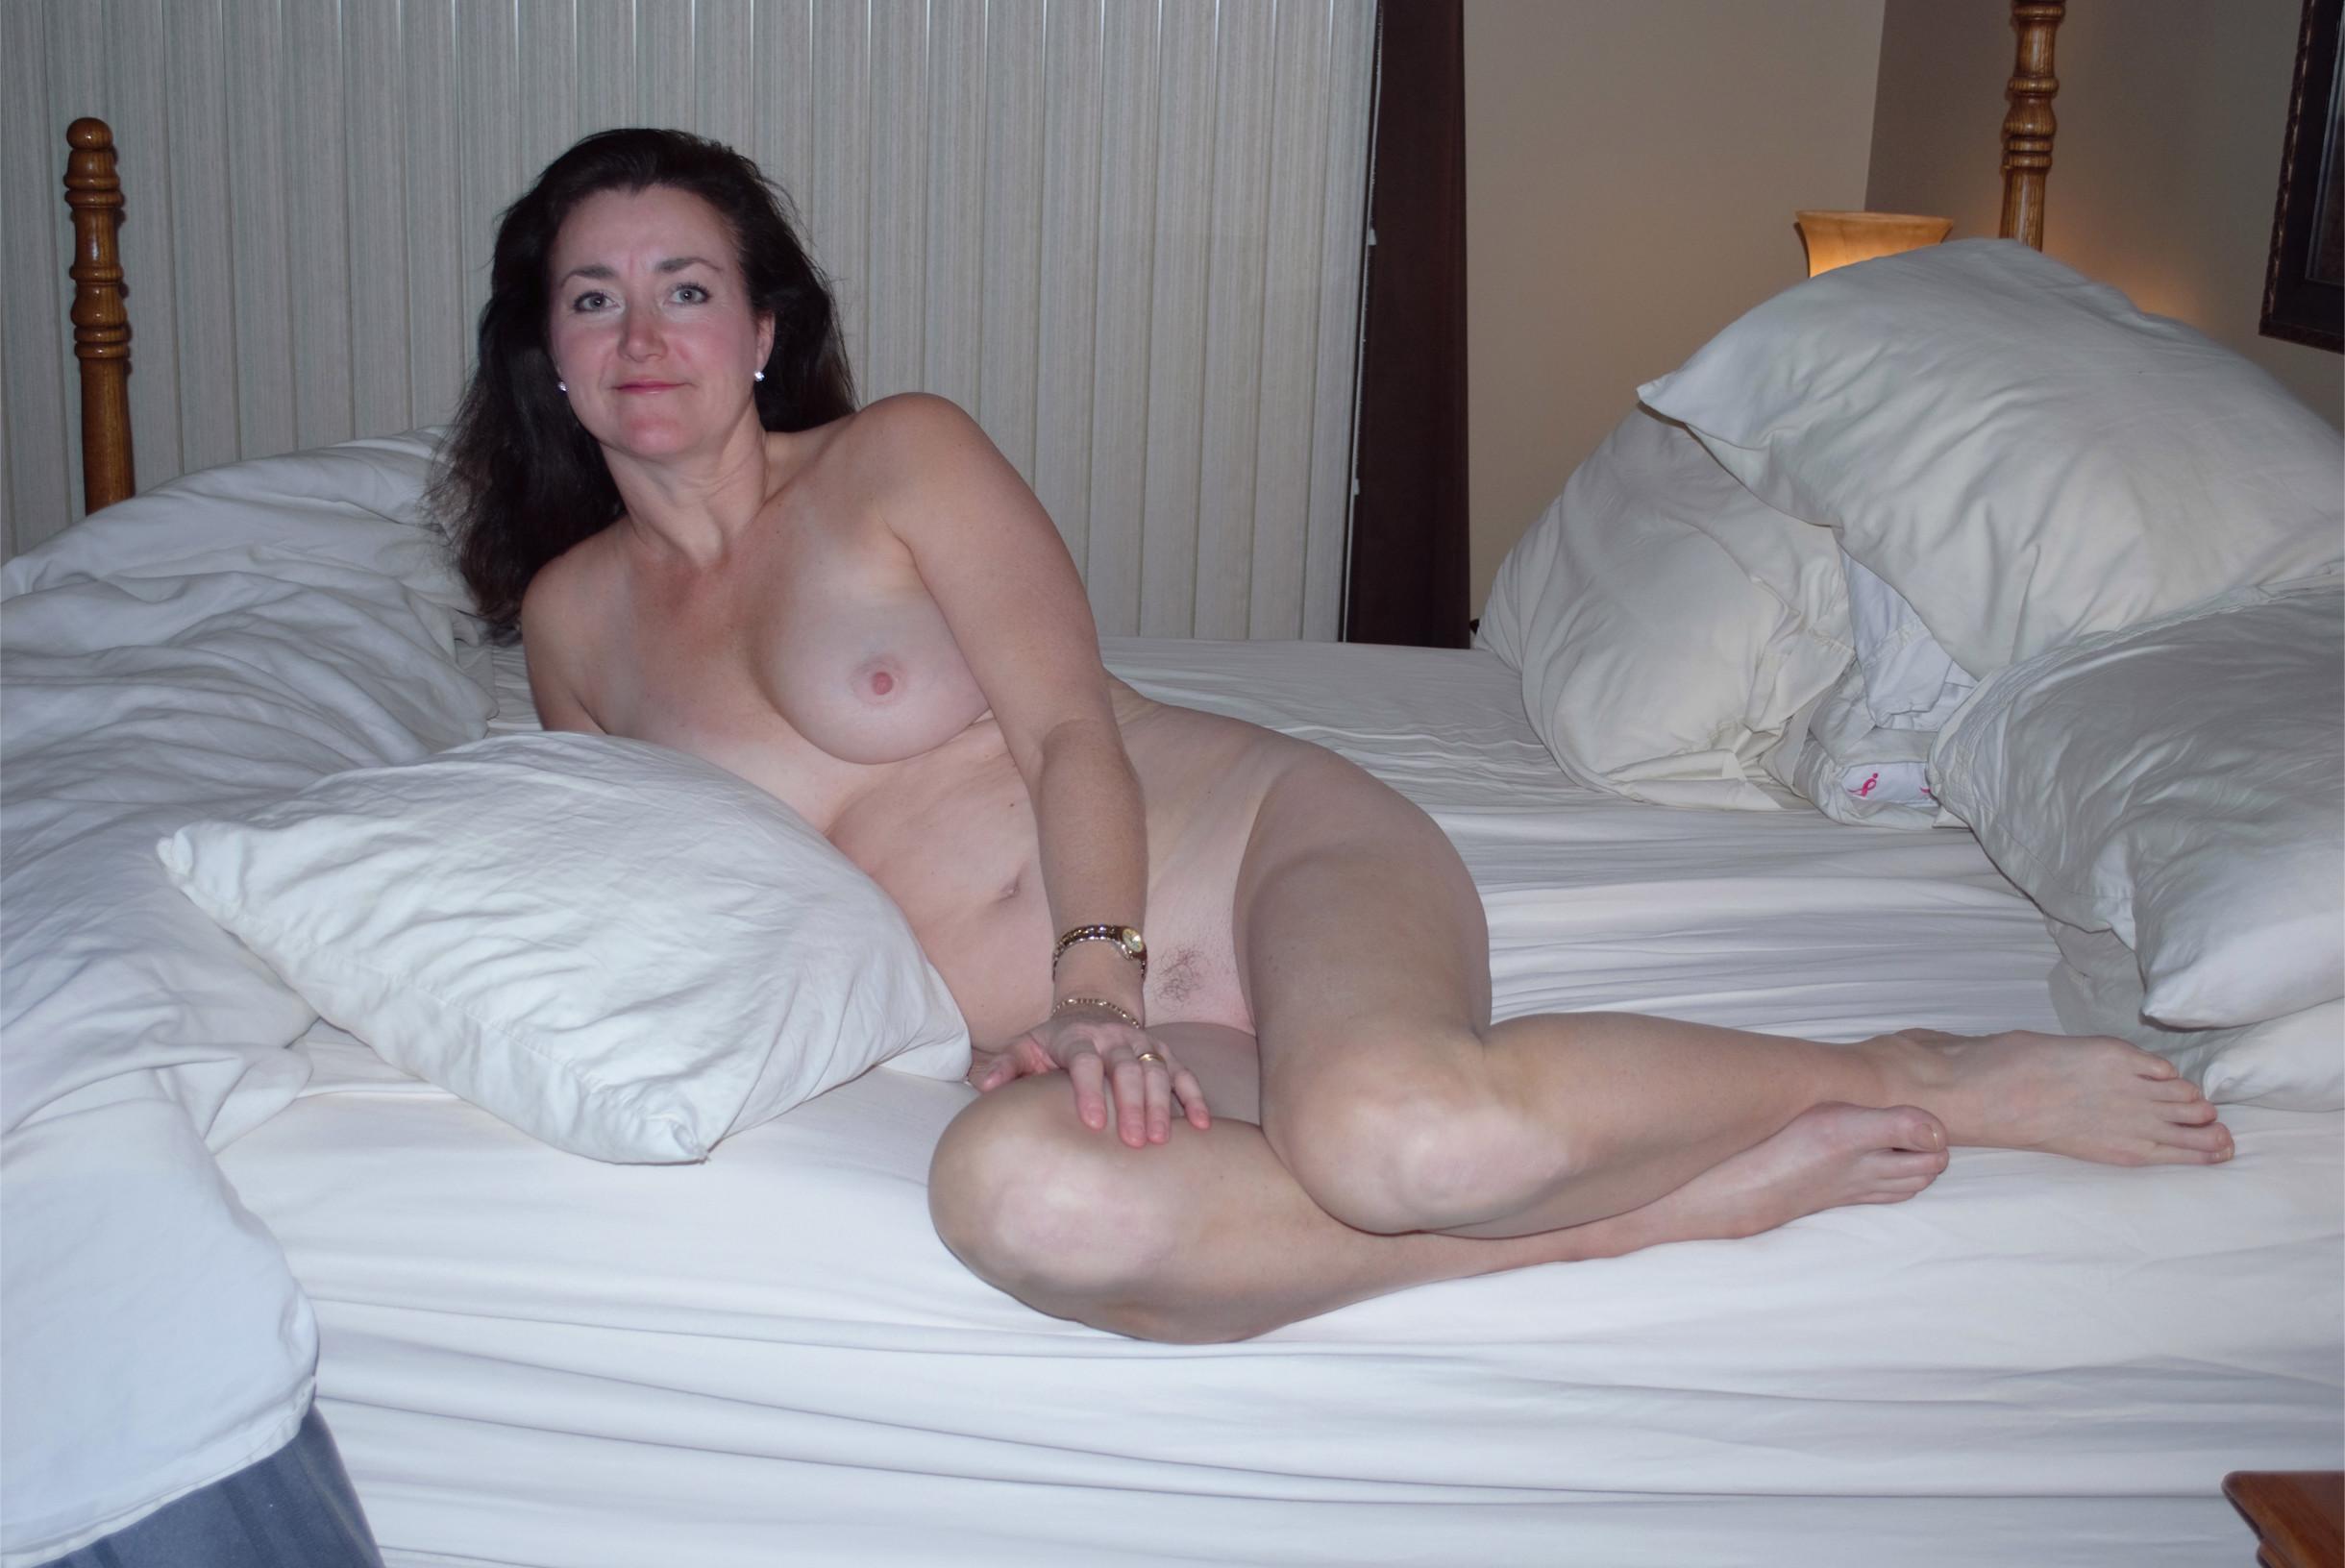 Voluptuous amateur wife nude — 3